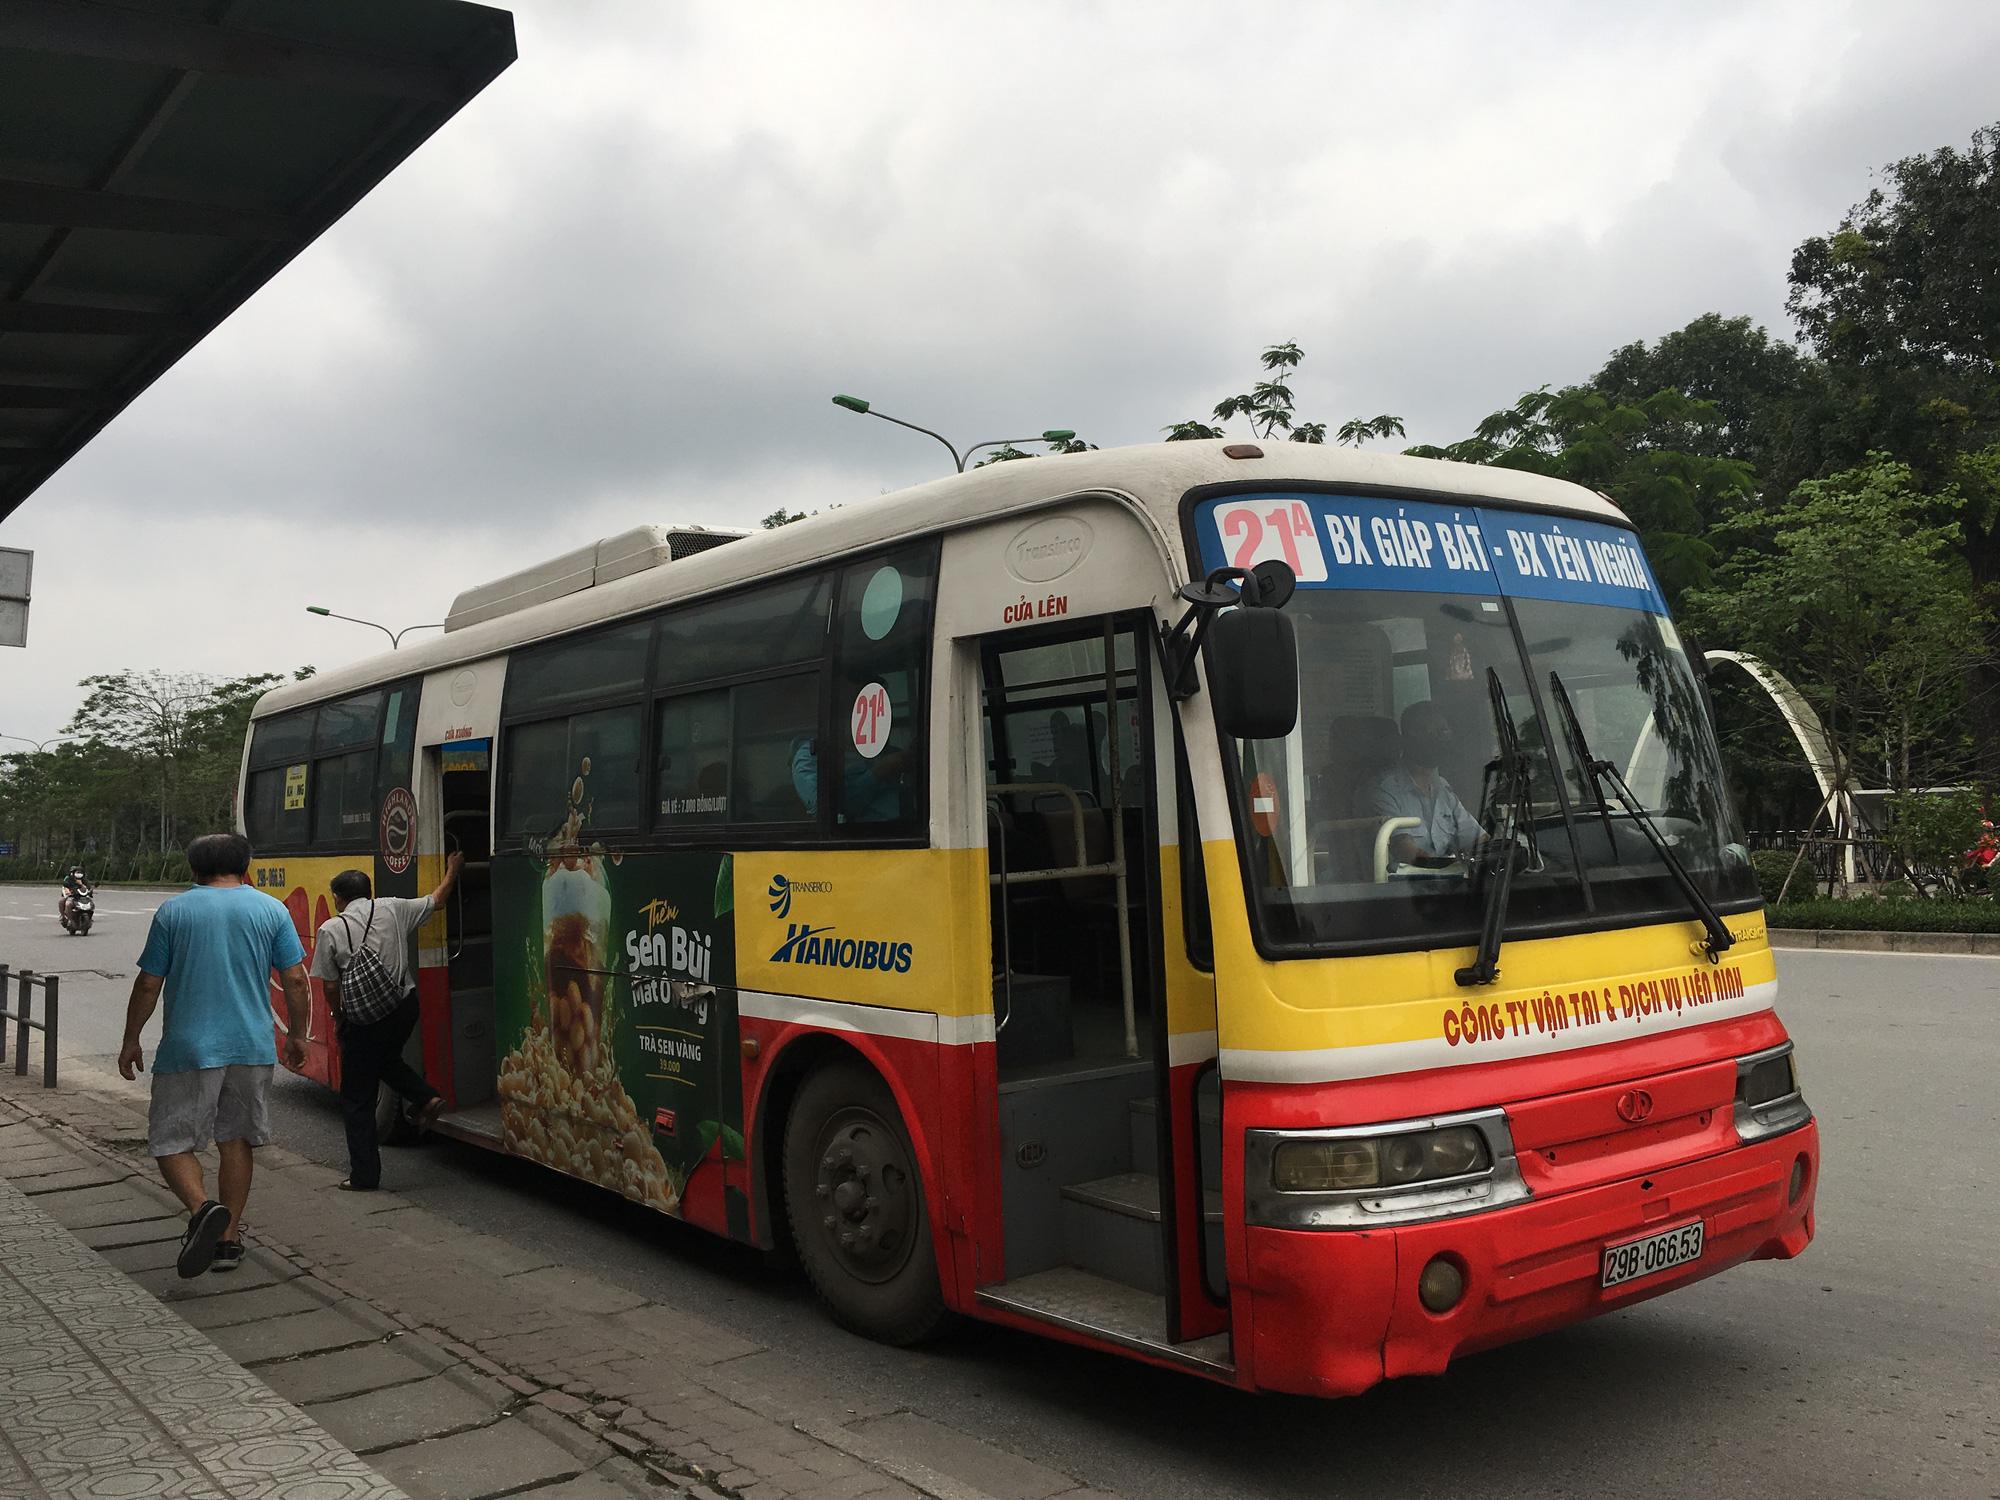 Lộ trình xe buýt 21A Hà Nội: từ bến xe Giáp Bát đi bến xe Yên Nghĩa - Ảnh 1.